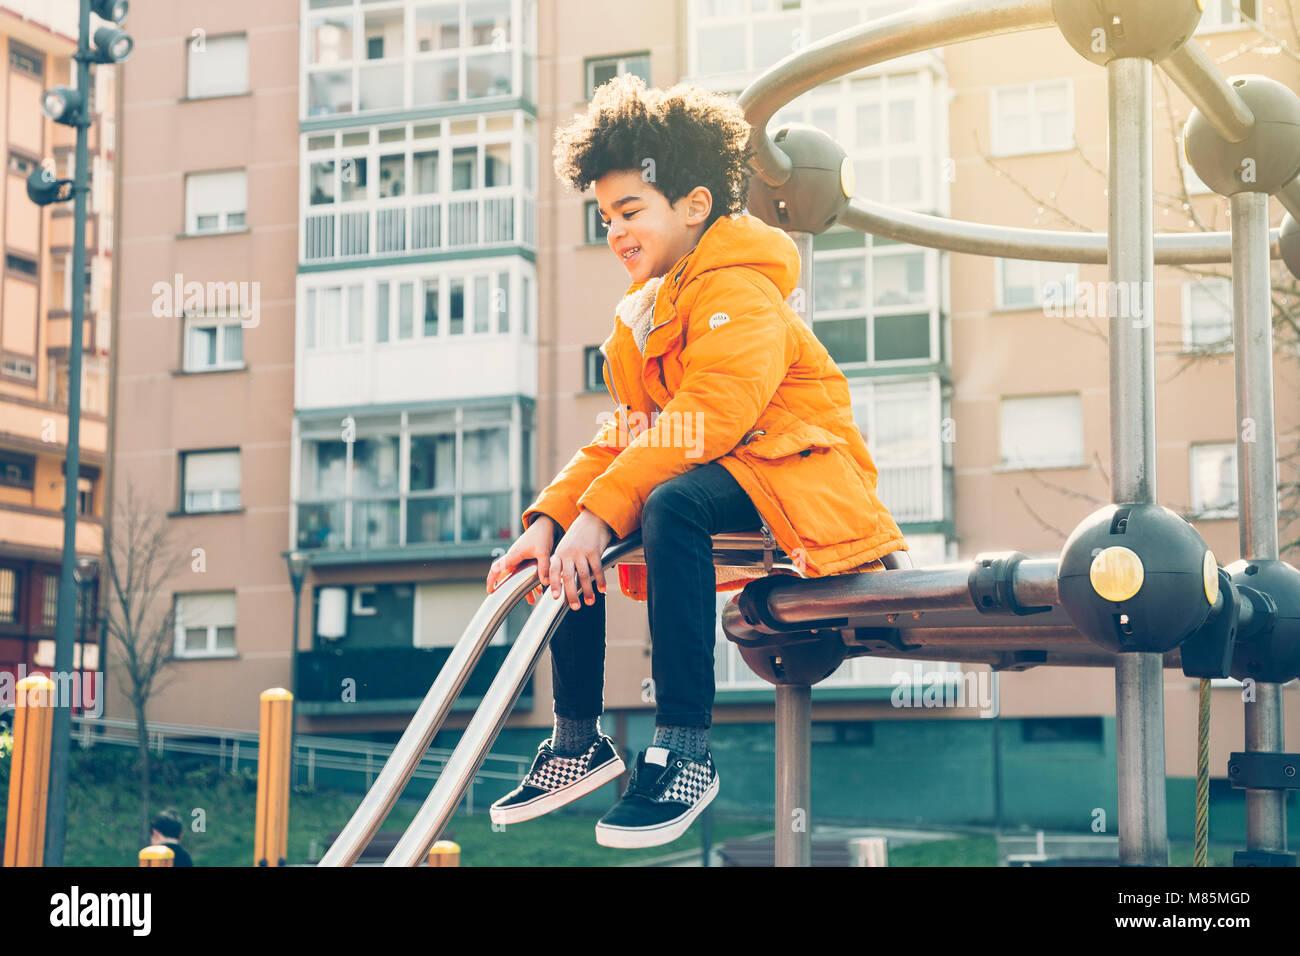 Capretto felice in arancione ricoprire l'arrampicata sul parco giochi in una giornata di sole Immagini Stock